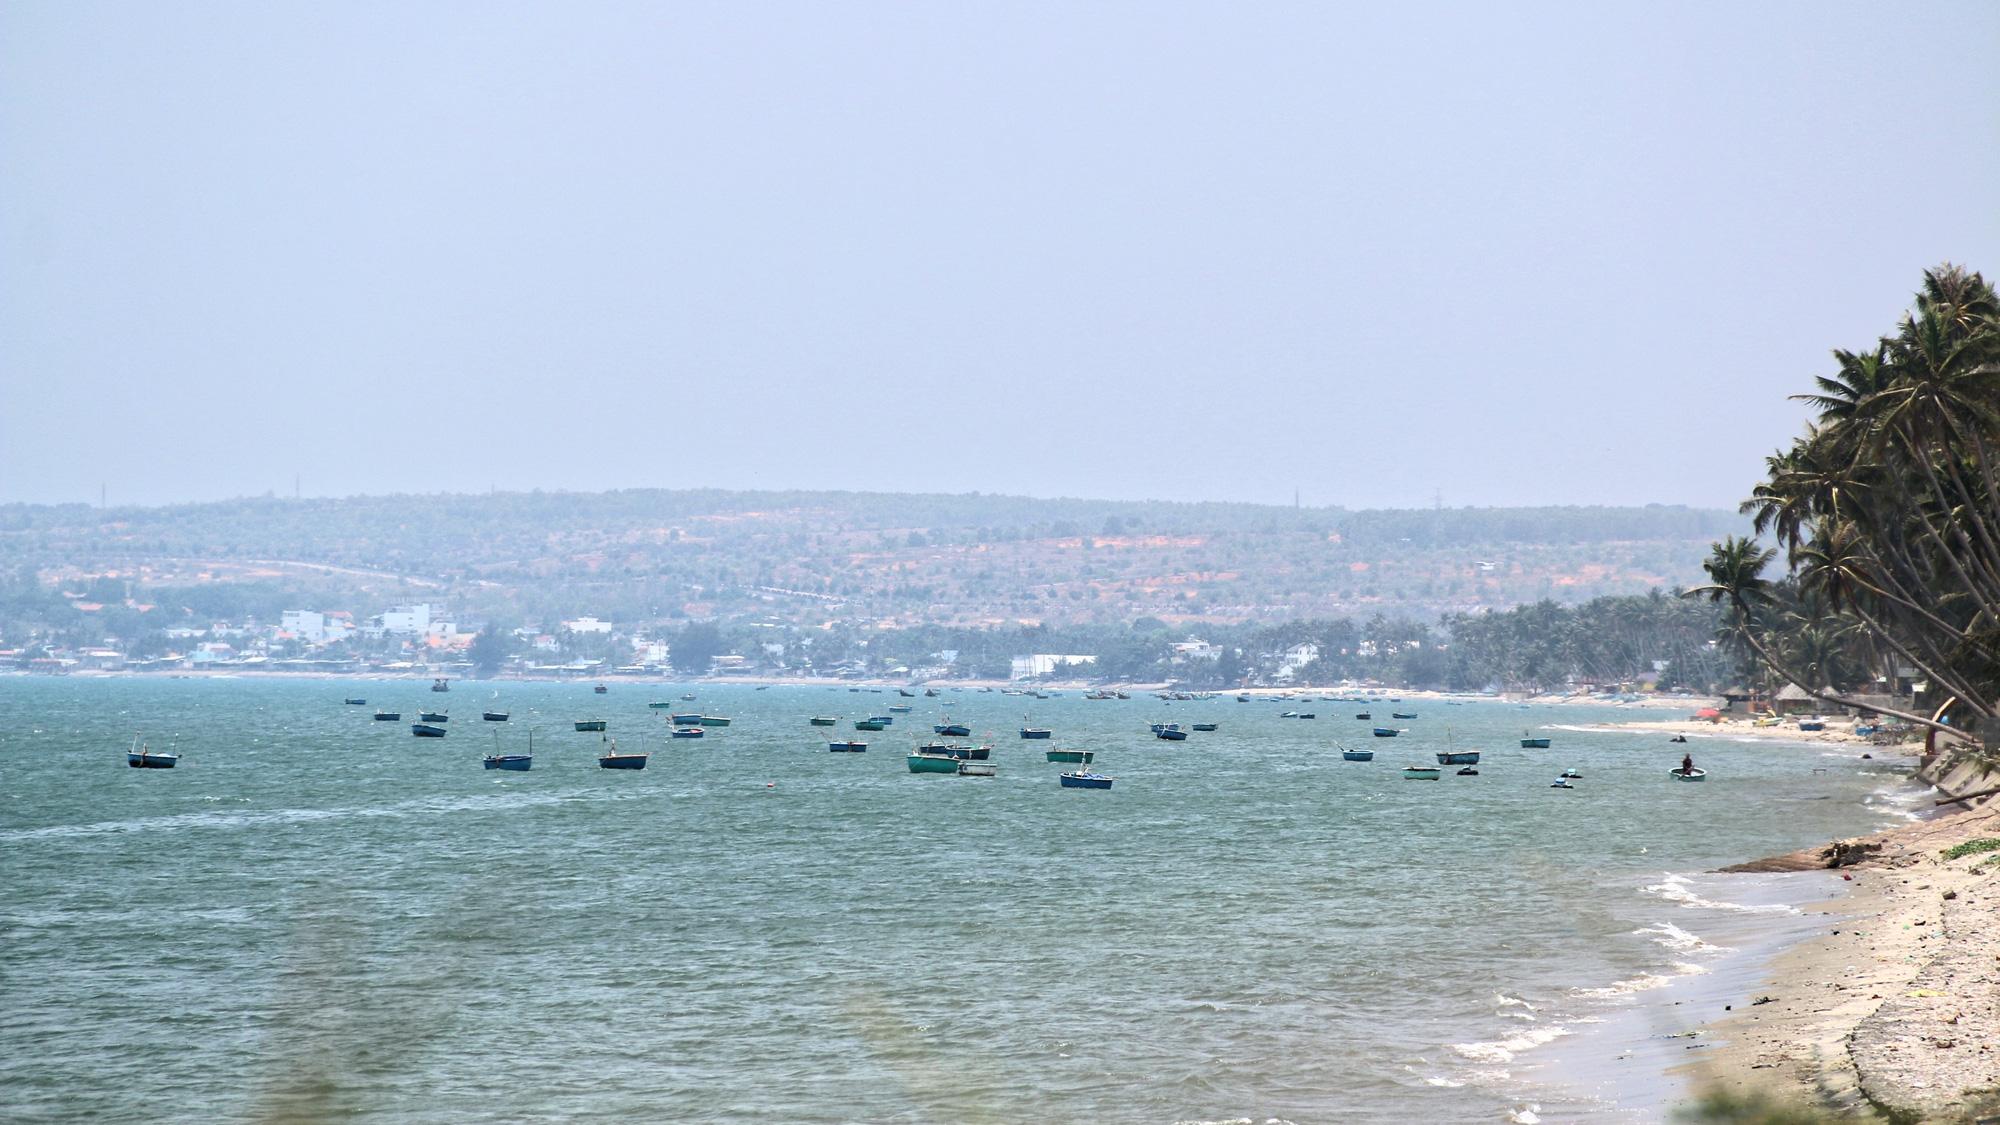 Thanh Hóa dự kiến khởi công đường ven biển hơn 2.200 tỷ vào đầu tháng 12 - Ảnh 1.